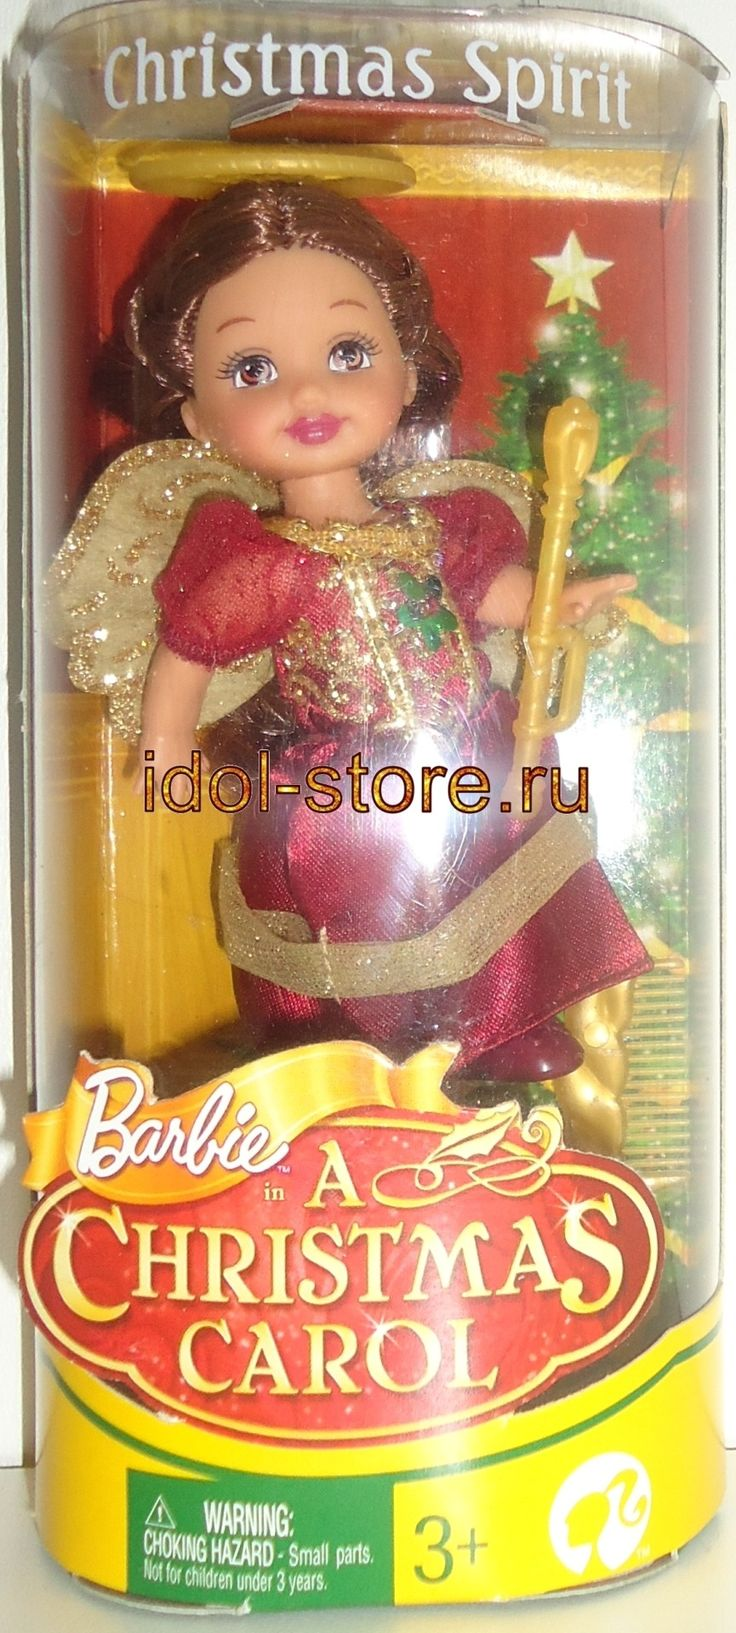 """Barbie in a Christmas Carol, Christmas Spirit doll, Angel, Kelly format, 2008, MATTEL. Барби, маленькая винтажная кукла в коллекцию """"Дух Рождества"""" формата Келли из серии """"Рождественская История Барби про """"Дух Рождества"""", по мультику """"Барби: Рождественская История"""""""